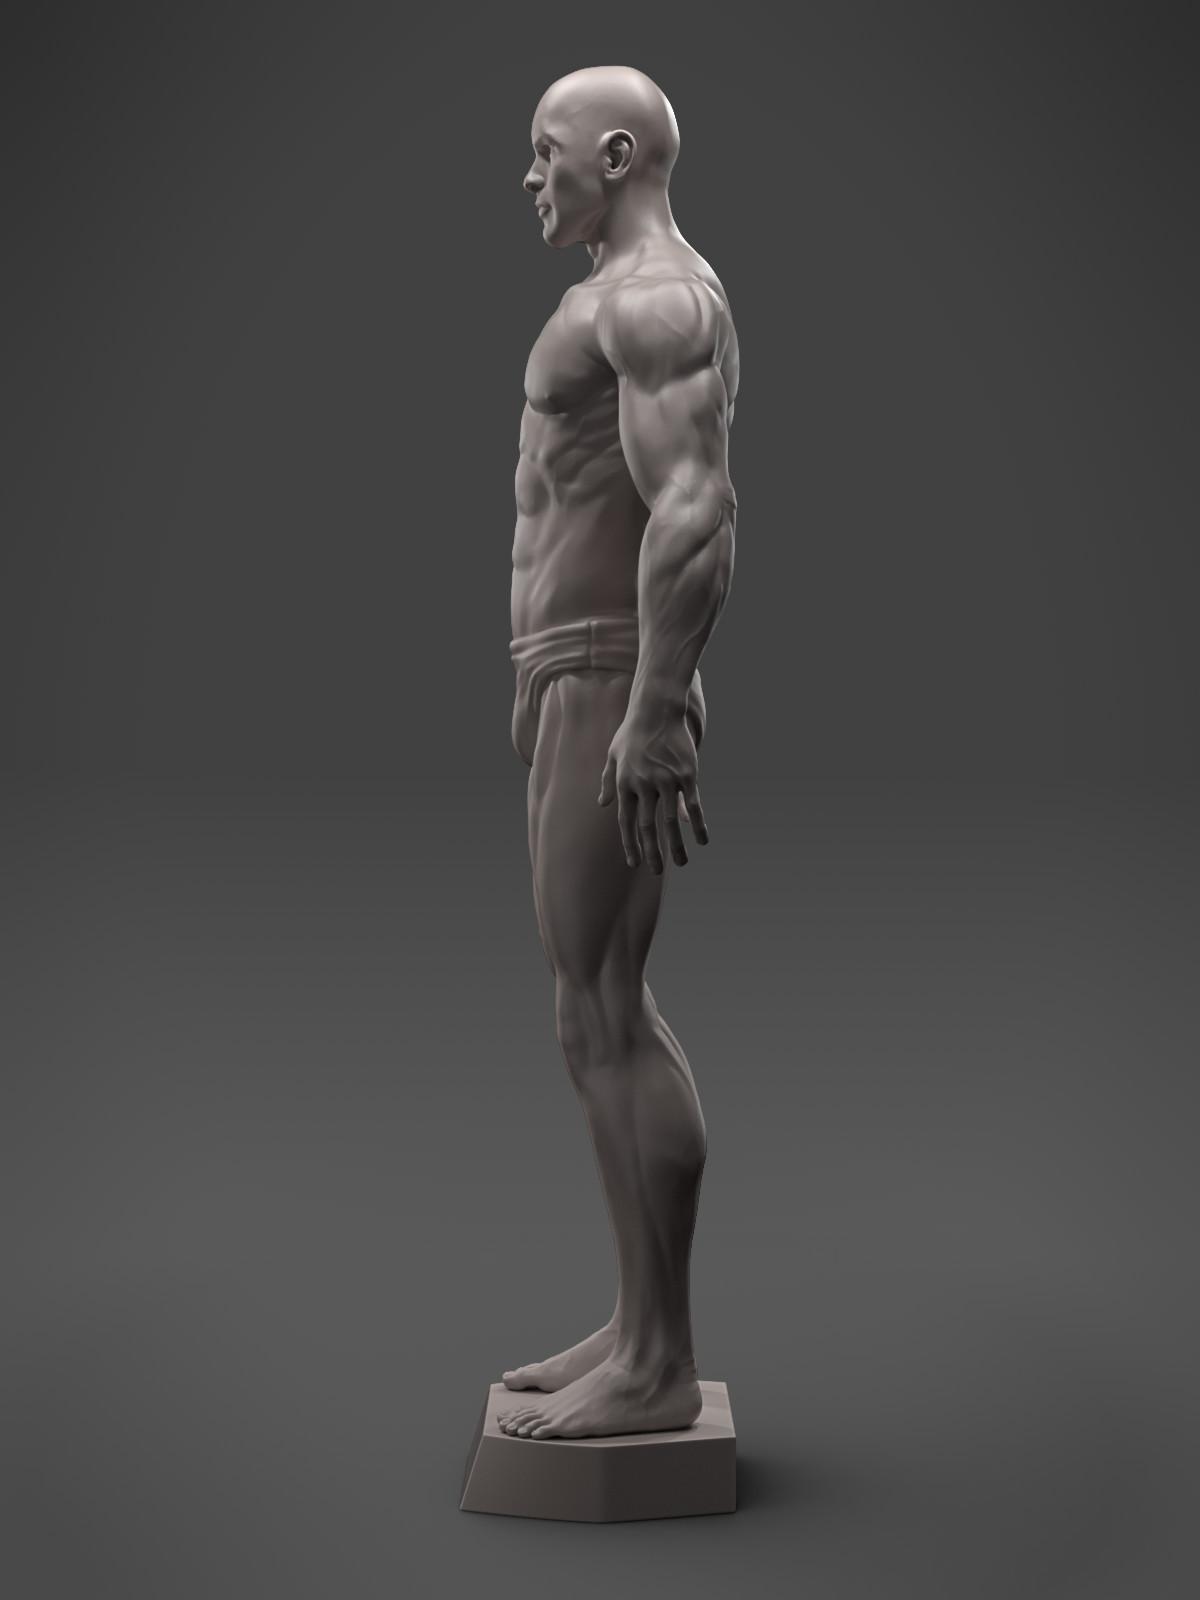 Hector moran anatomyguy side